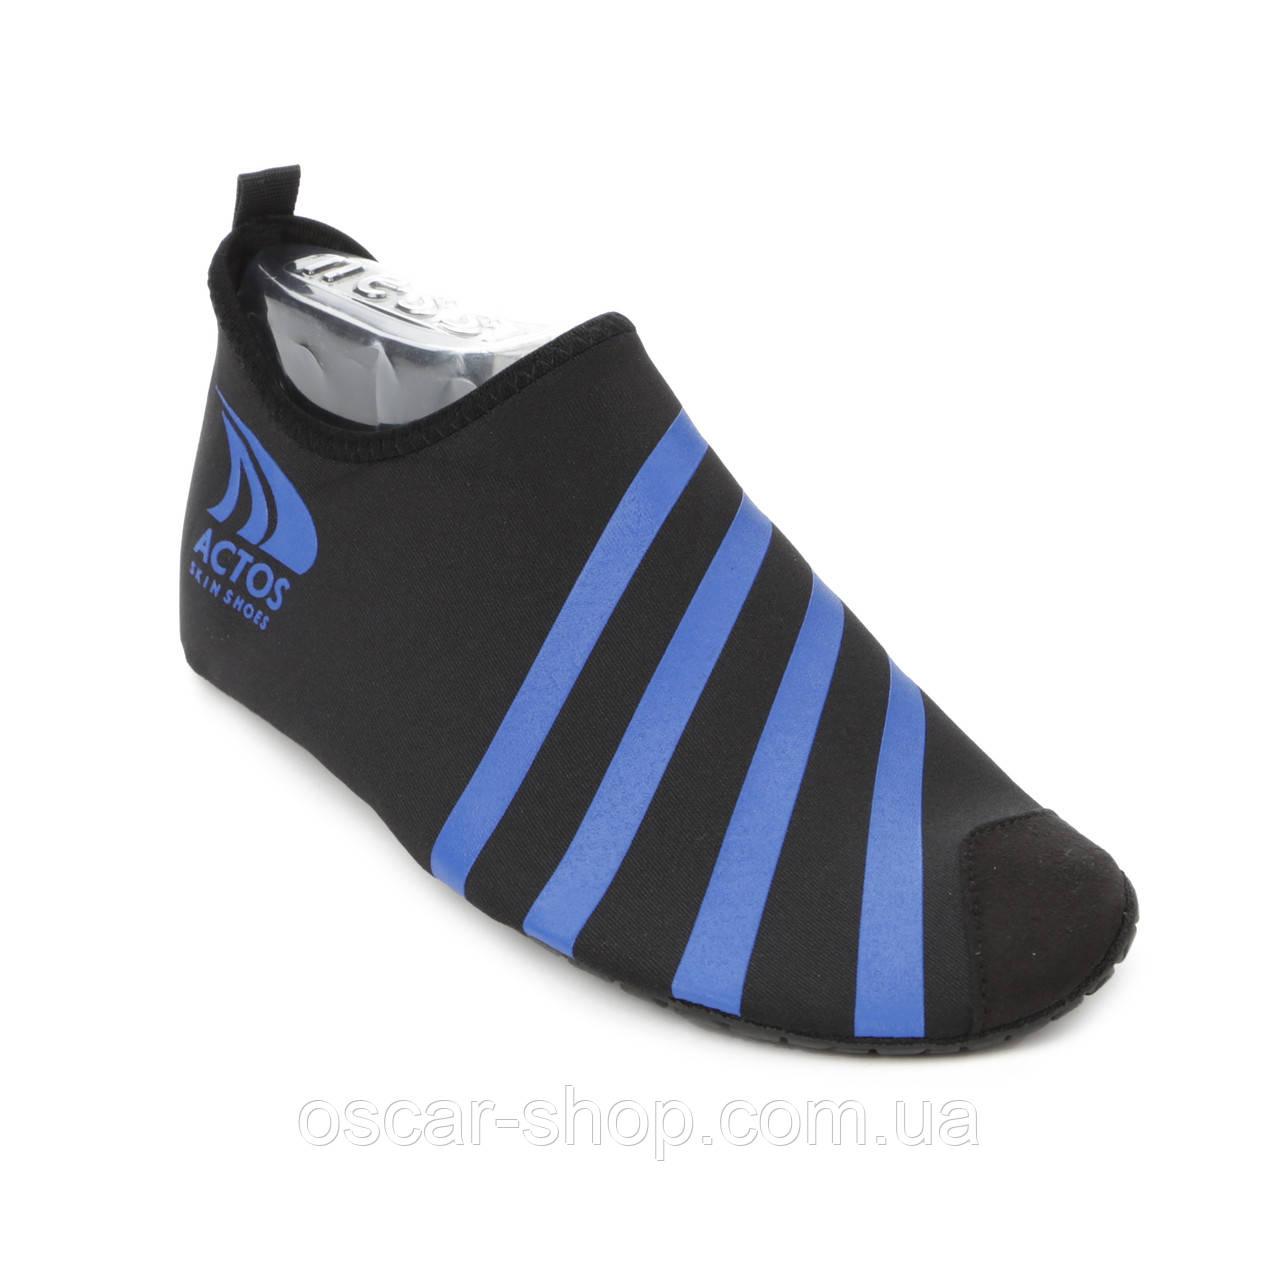 Обувь Actos Skin Shoes (разм. 42-42.5) Blue / Обувь для плавания / Обувь для спорта / Чешки для йоги / опт